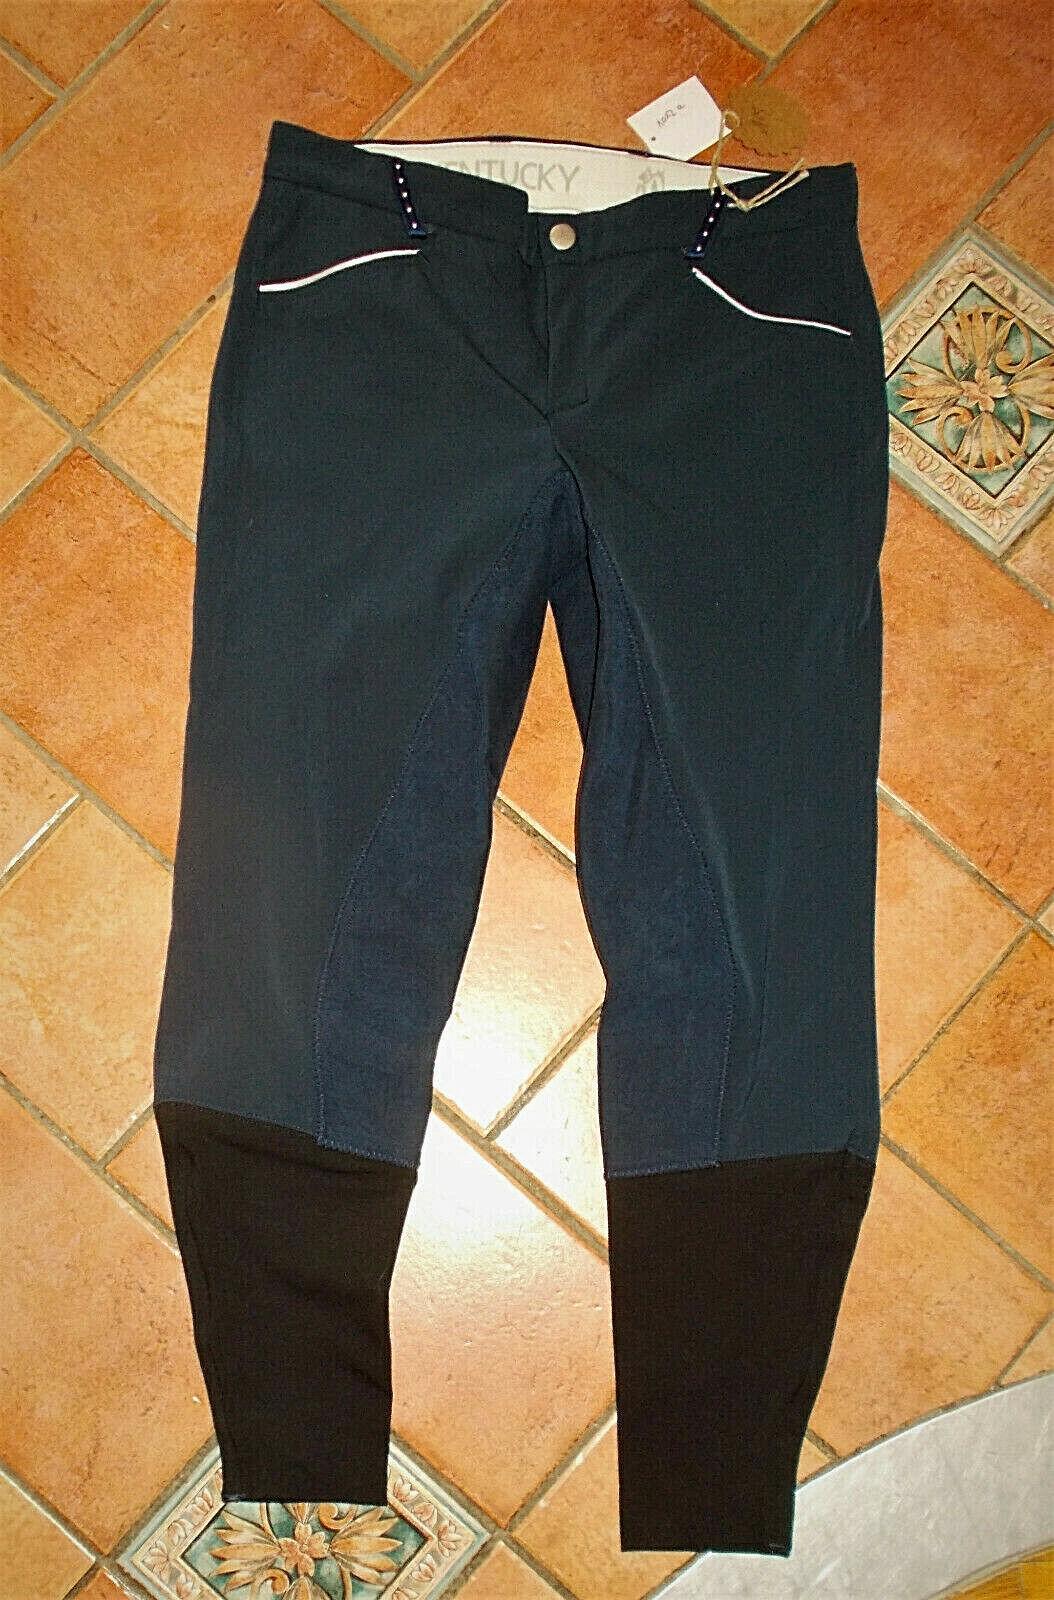 Kentucky Reithose Vollbesatz, blau, Gr. 40, nie getragen